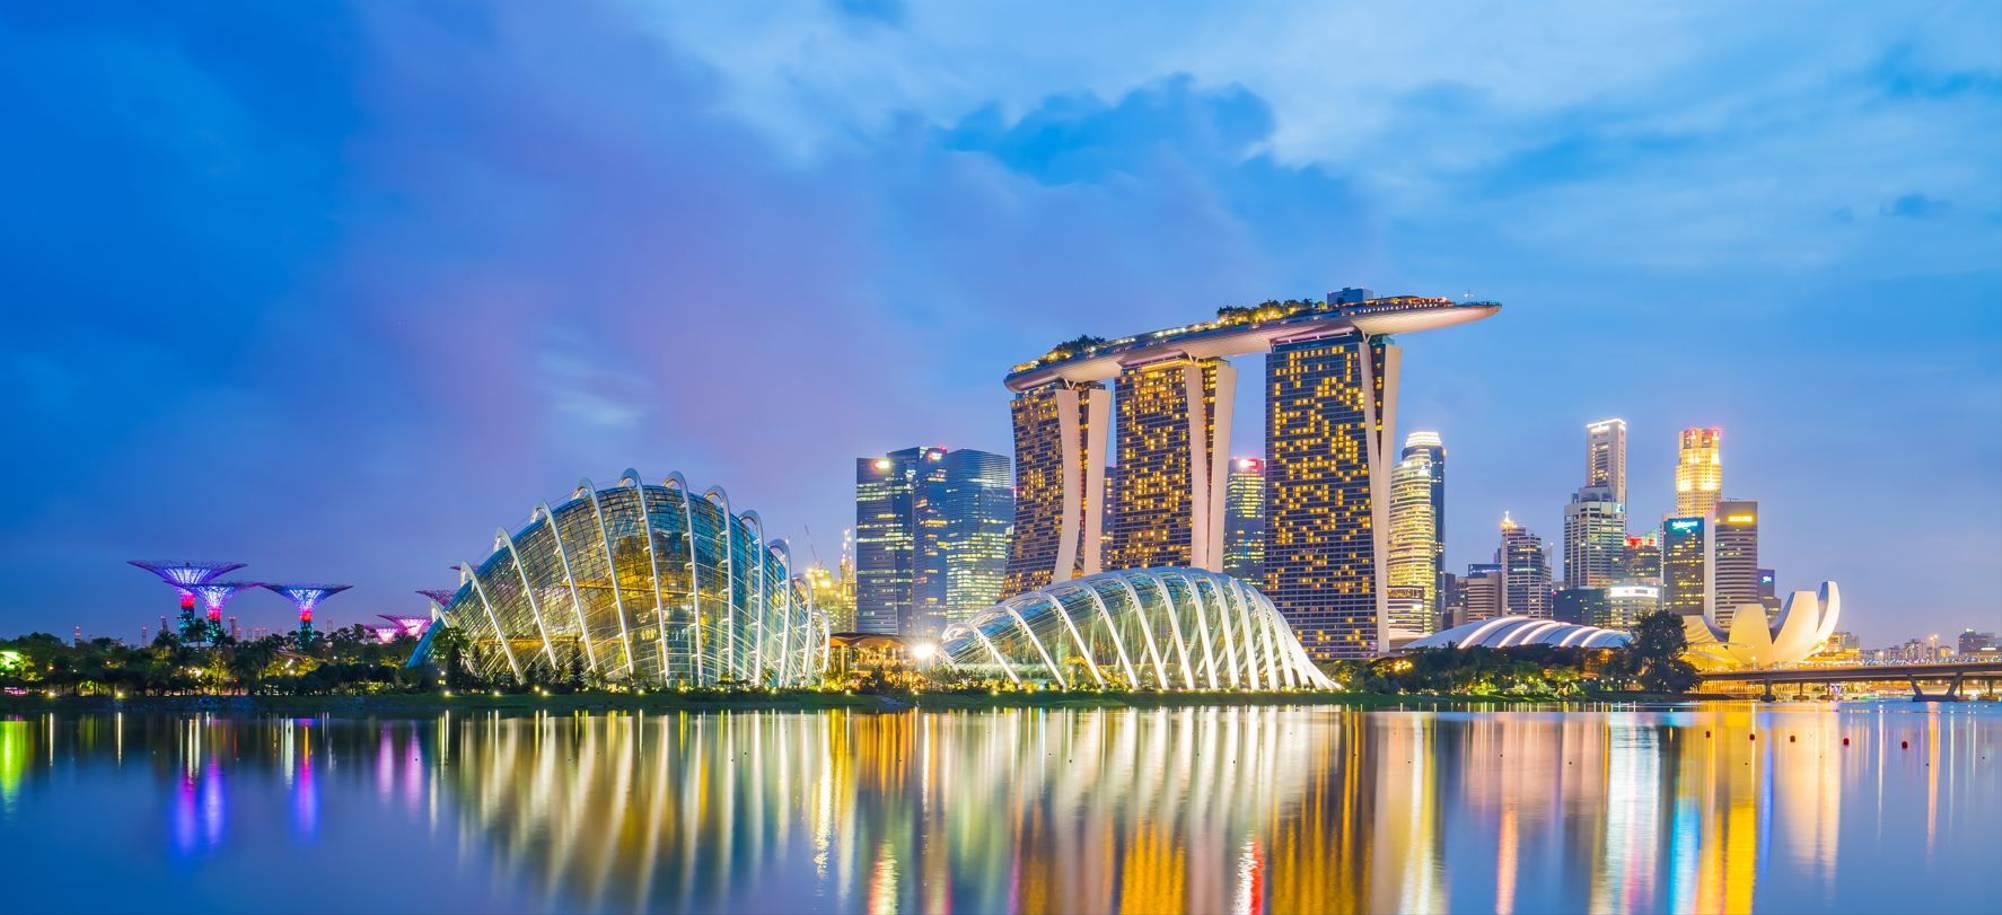 Singapore   City Skyline At Night   Itinerary Desktop